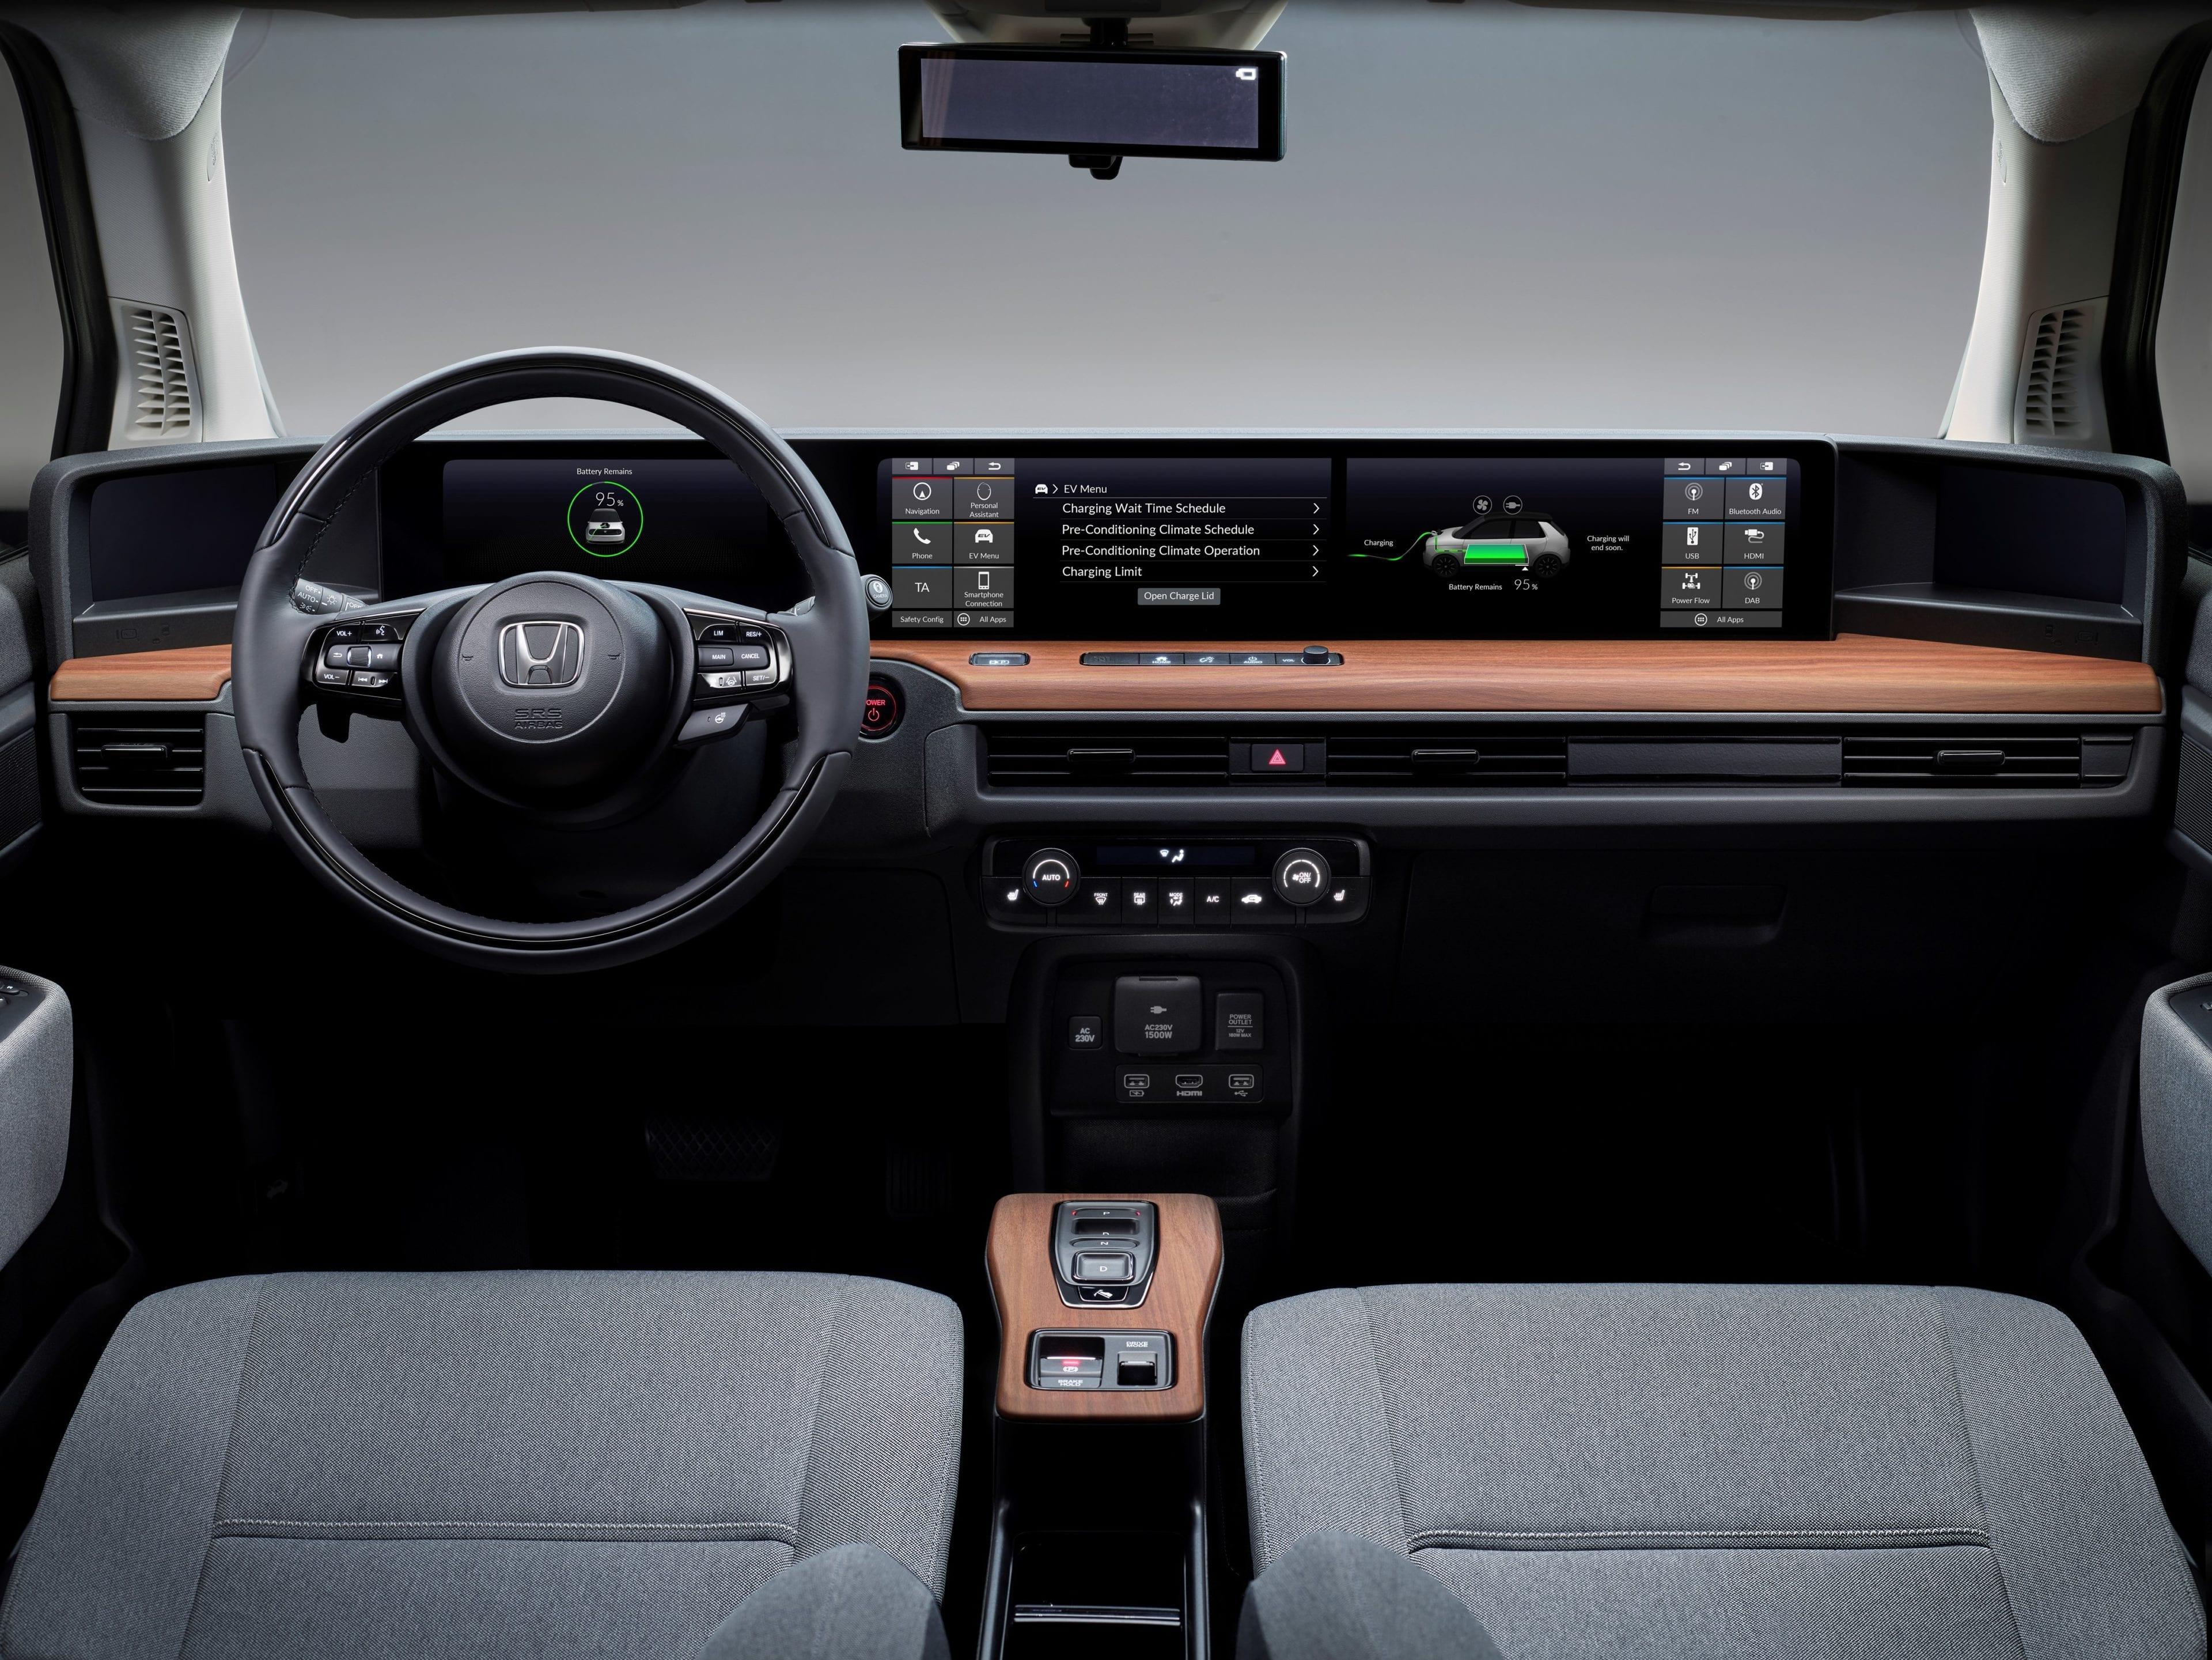 Stap in het ruime interieur van de Honda e en u bent meteen afgesloten van de drukte. Het is een kalme en serene omgeving, zoals een lounge, met een licht en luchtig interieur.